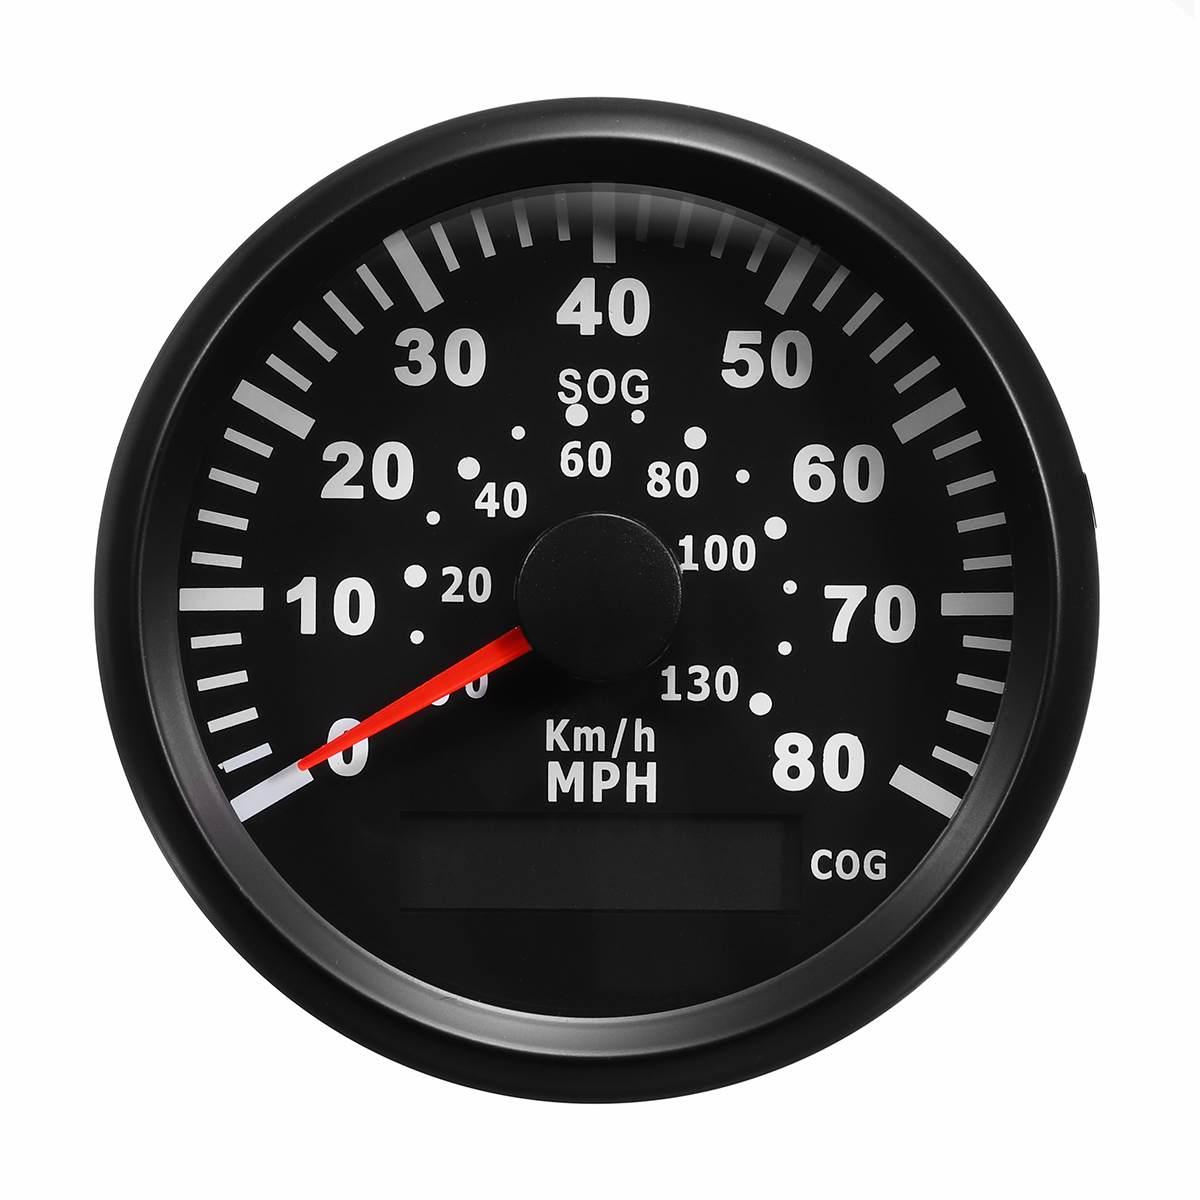 130 km/h 80MPH GPS compteur de vitesse GPS odomètre LCD jauge capteur de vitesse voiture camion moto remplacement bateau marin Auto ATV pièces